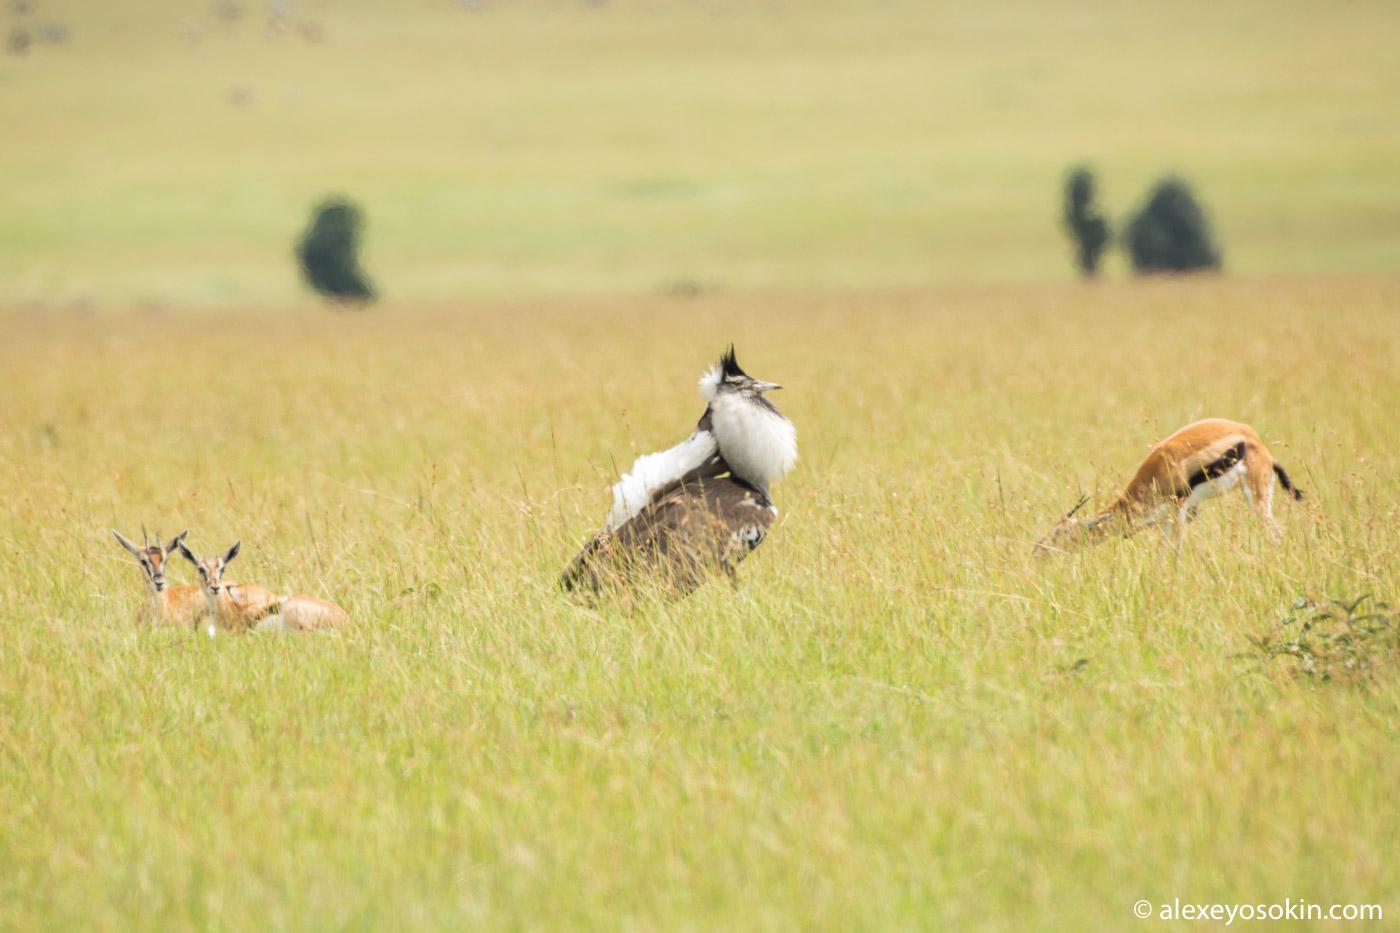 Самая большая птица Африки дрофа, самца, гепард, практически, только, написать, кошек, жизнь, много, PENTAX, подряд, может, газелей, Обычно, дрофы, напугать, страус, конечно, хотел, нападения